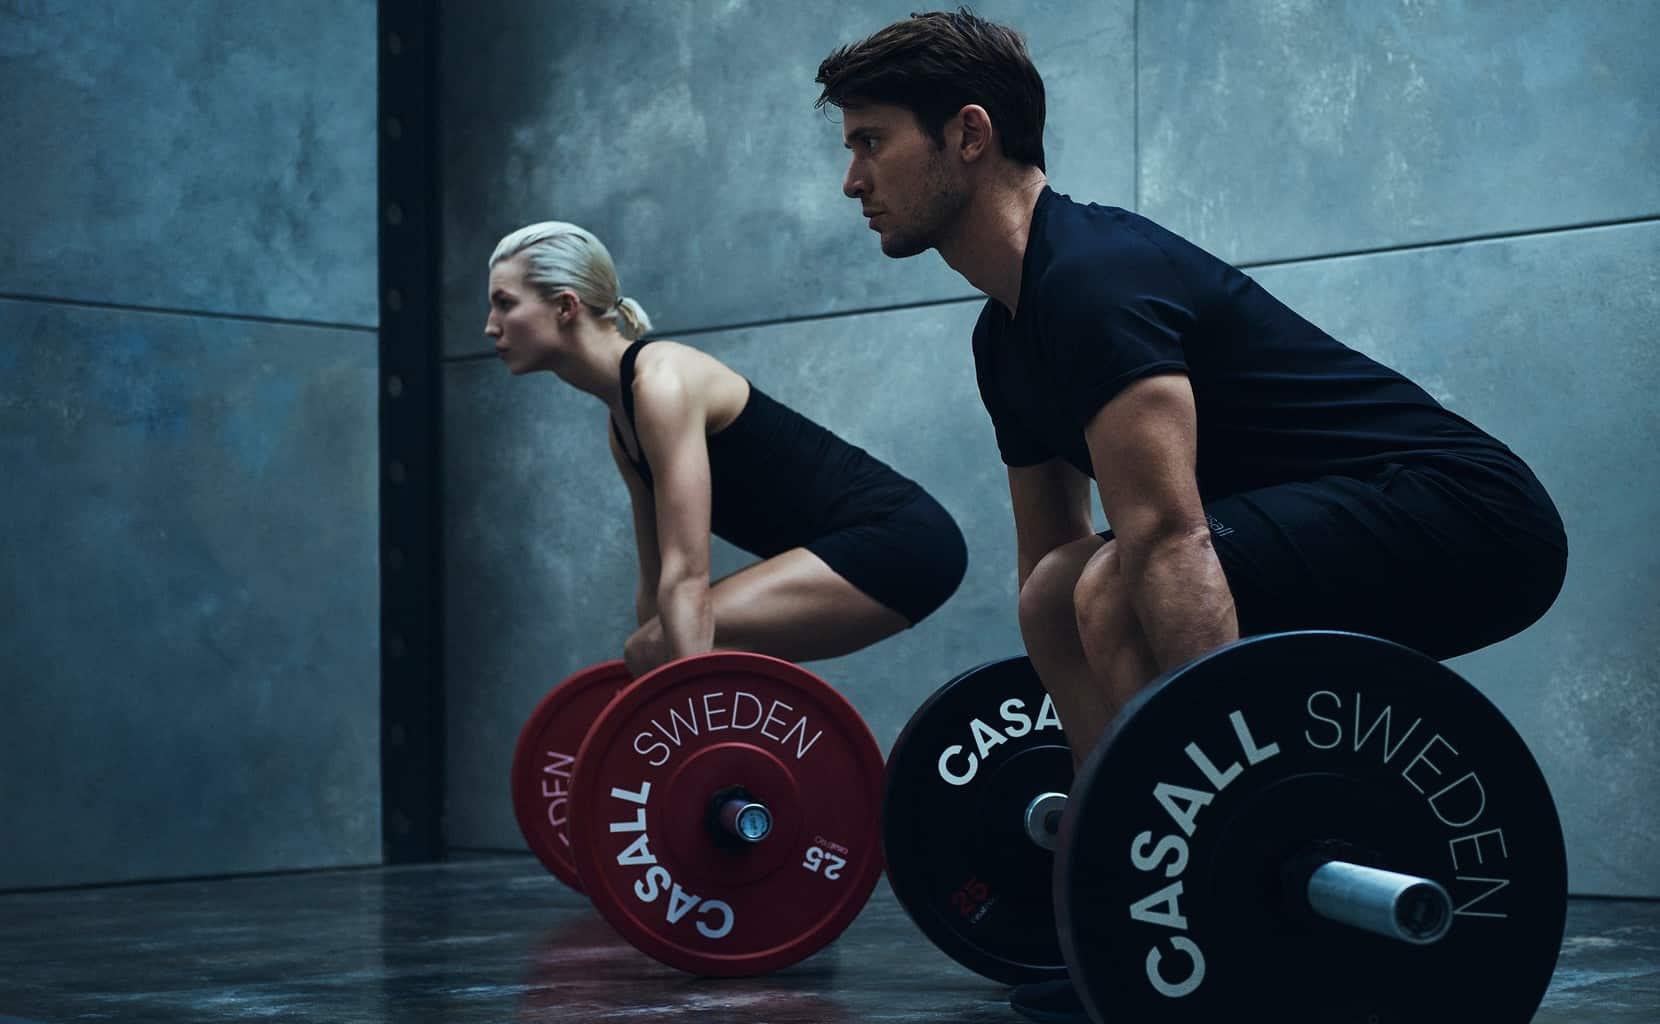 gymutrustning träningsutrustning gymredskap casall pro casall professional matrix styrkeutrustning styrketräning styrka